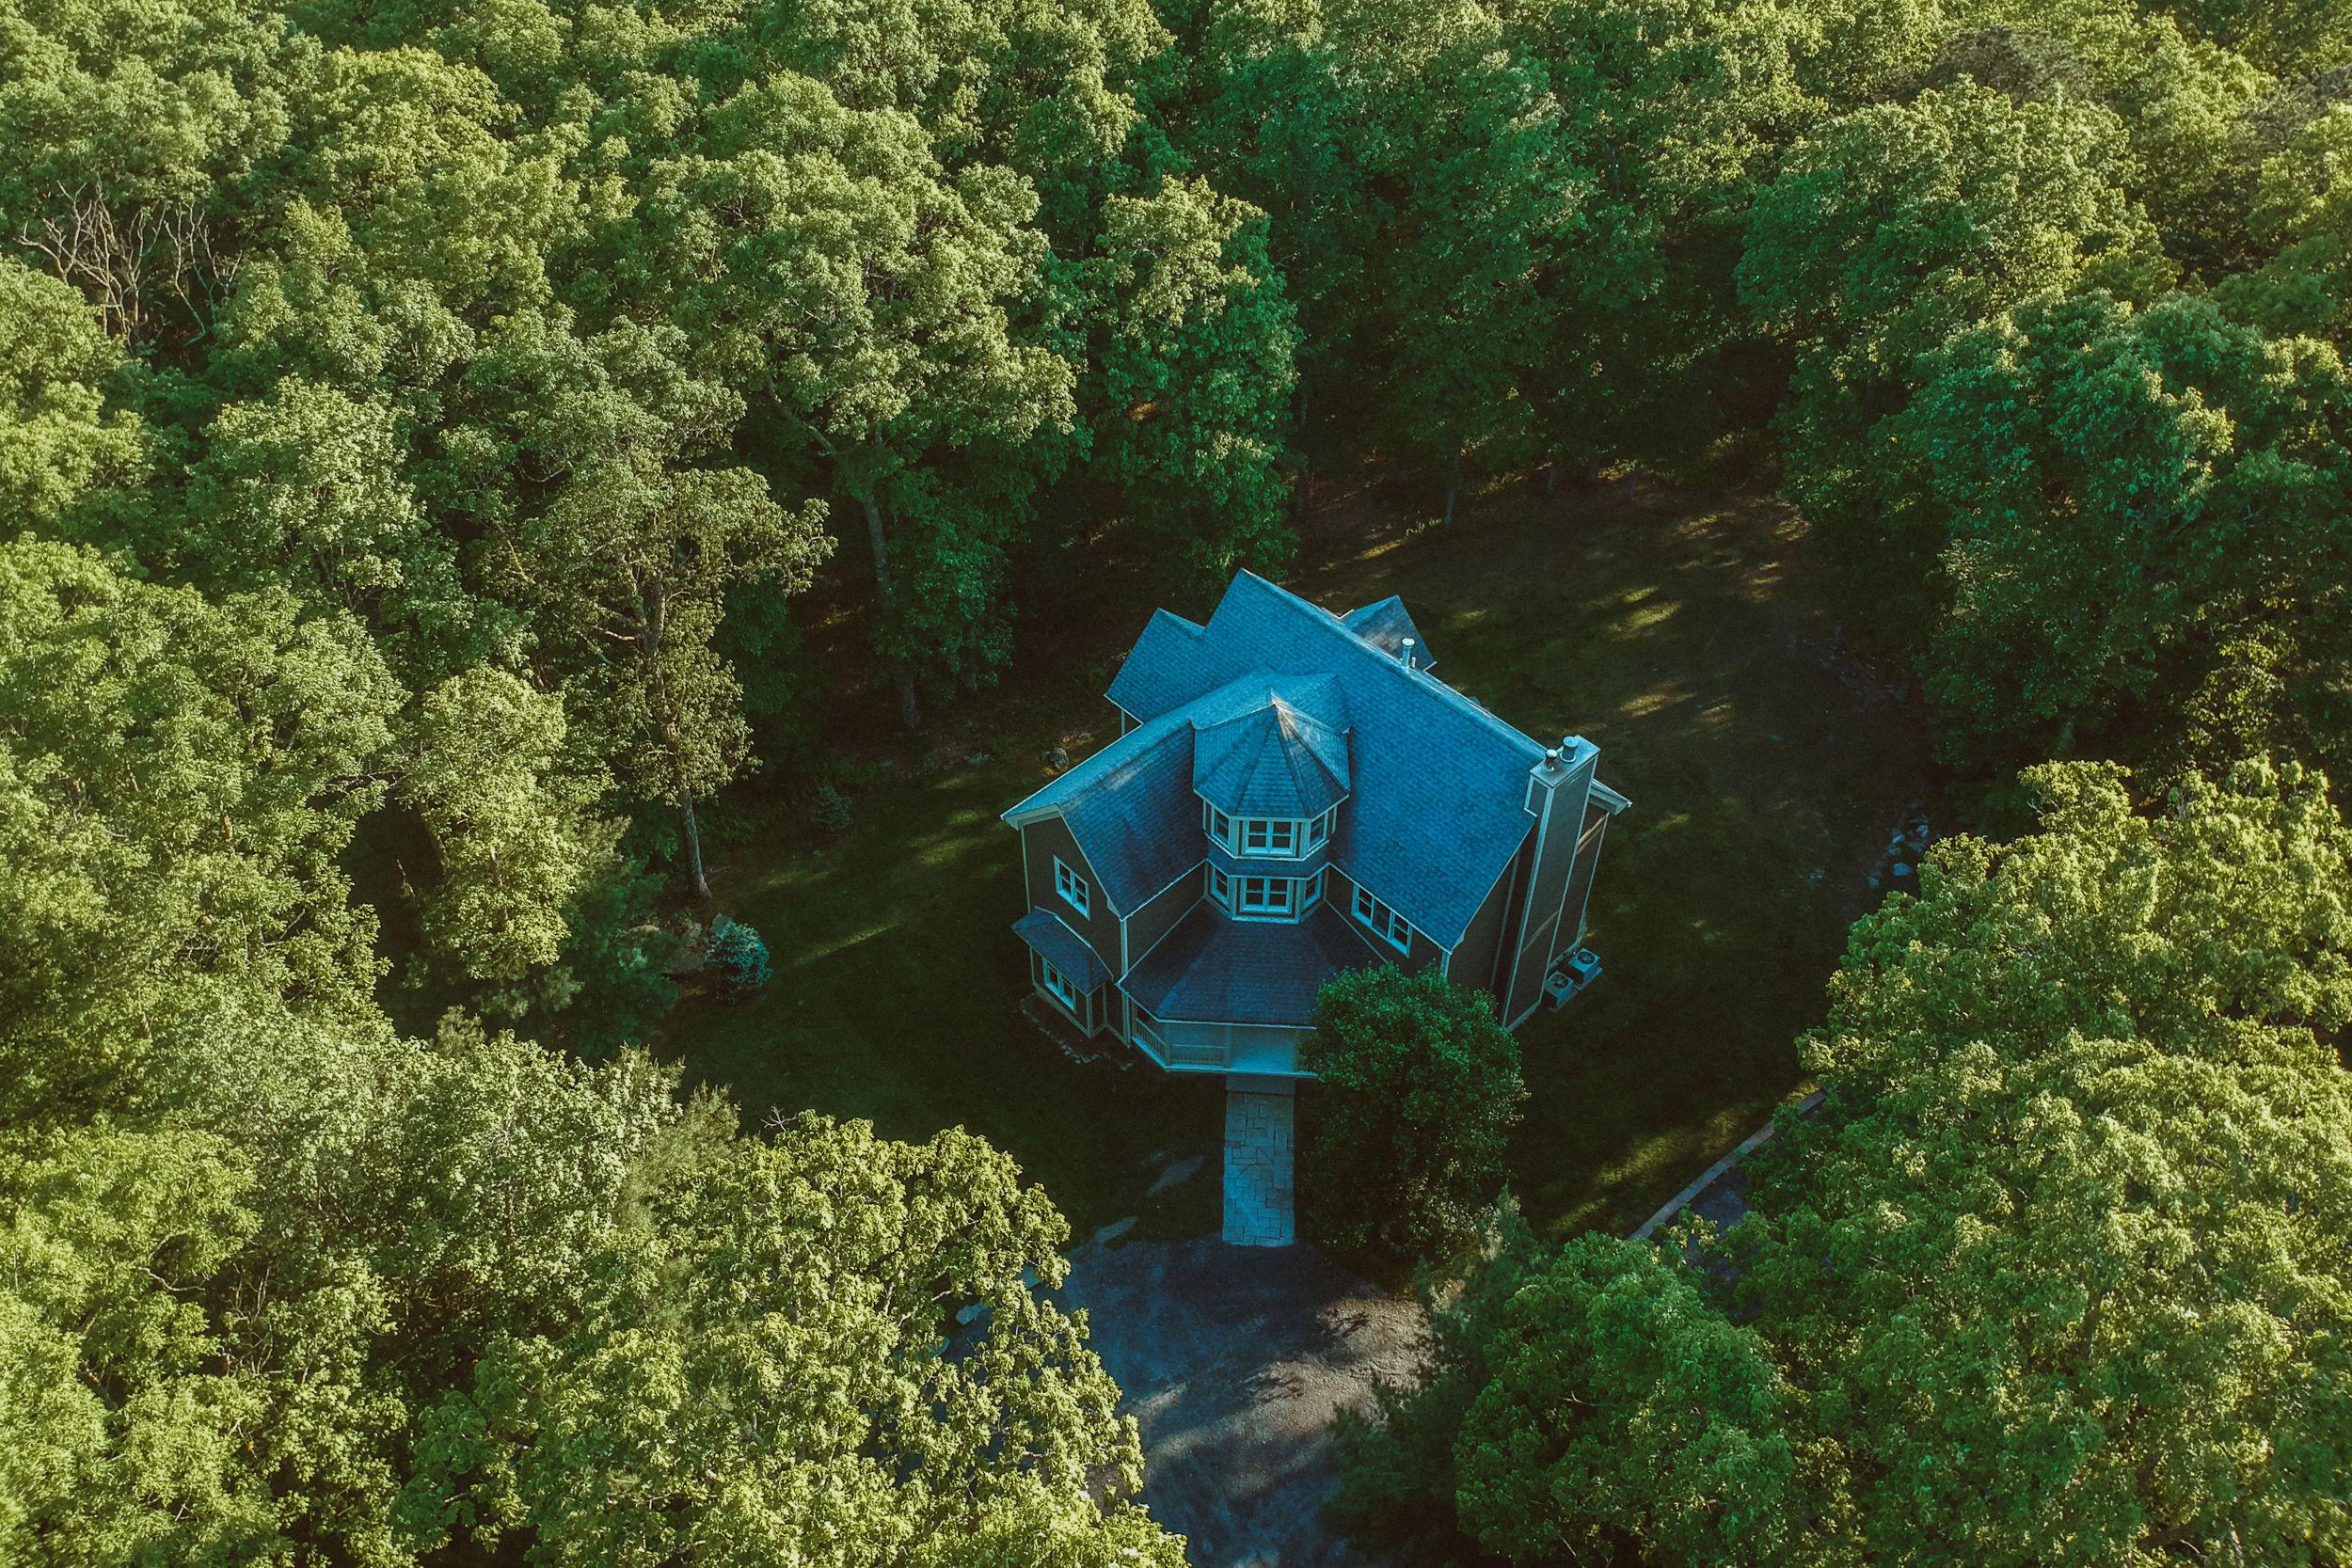 Image 1B 56 Upper Lumber Aerial Shot Close-Up (Black Forest 37).jpg